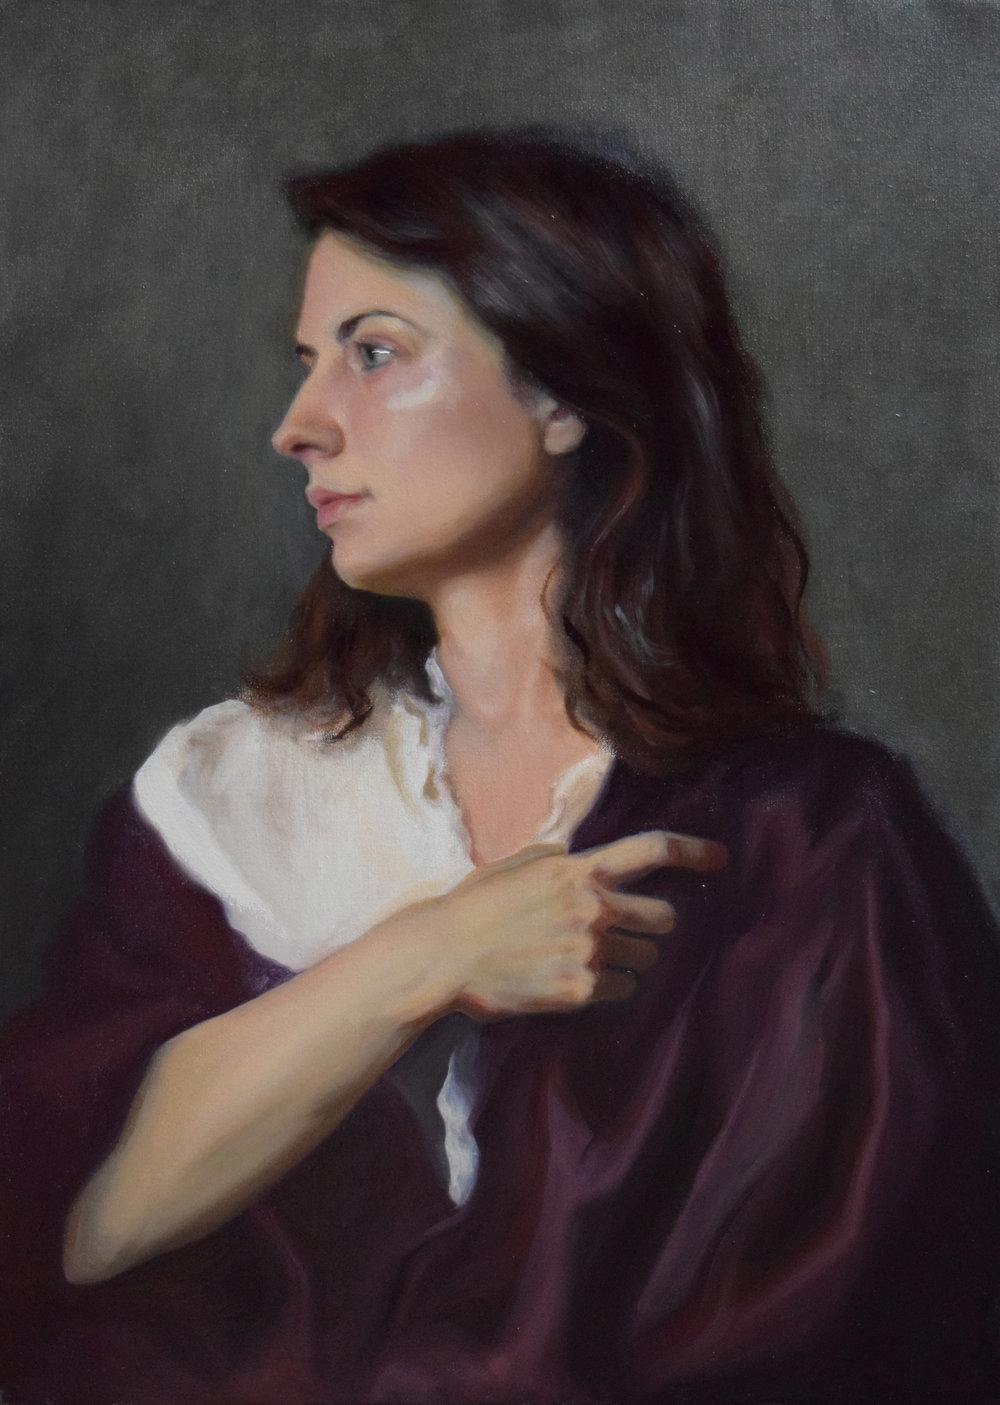 Rebcecca Jane Dolan: Elisa